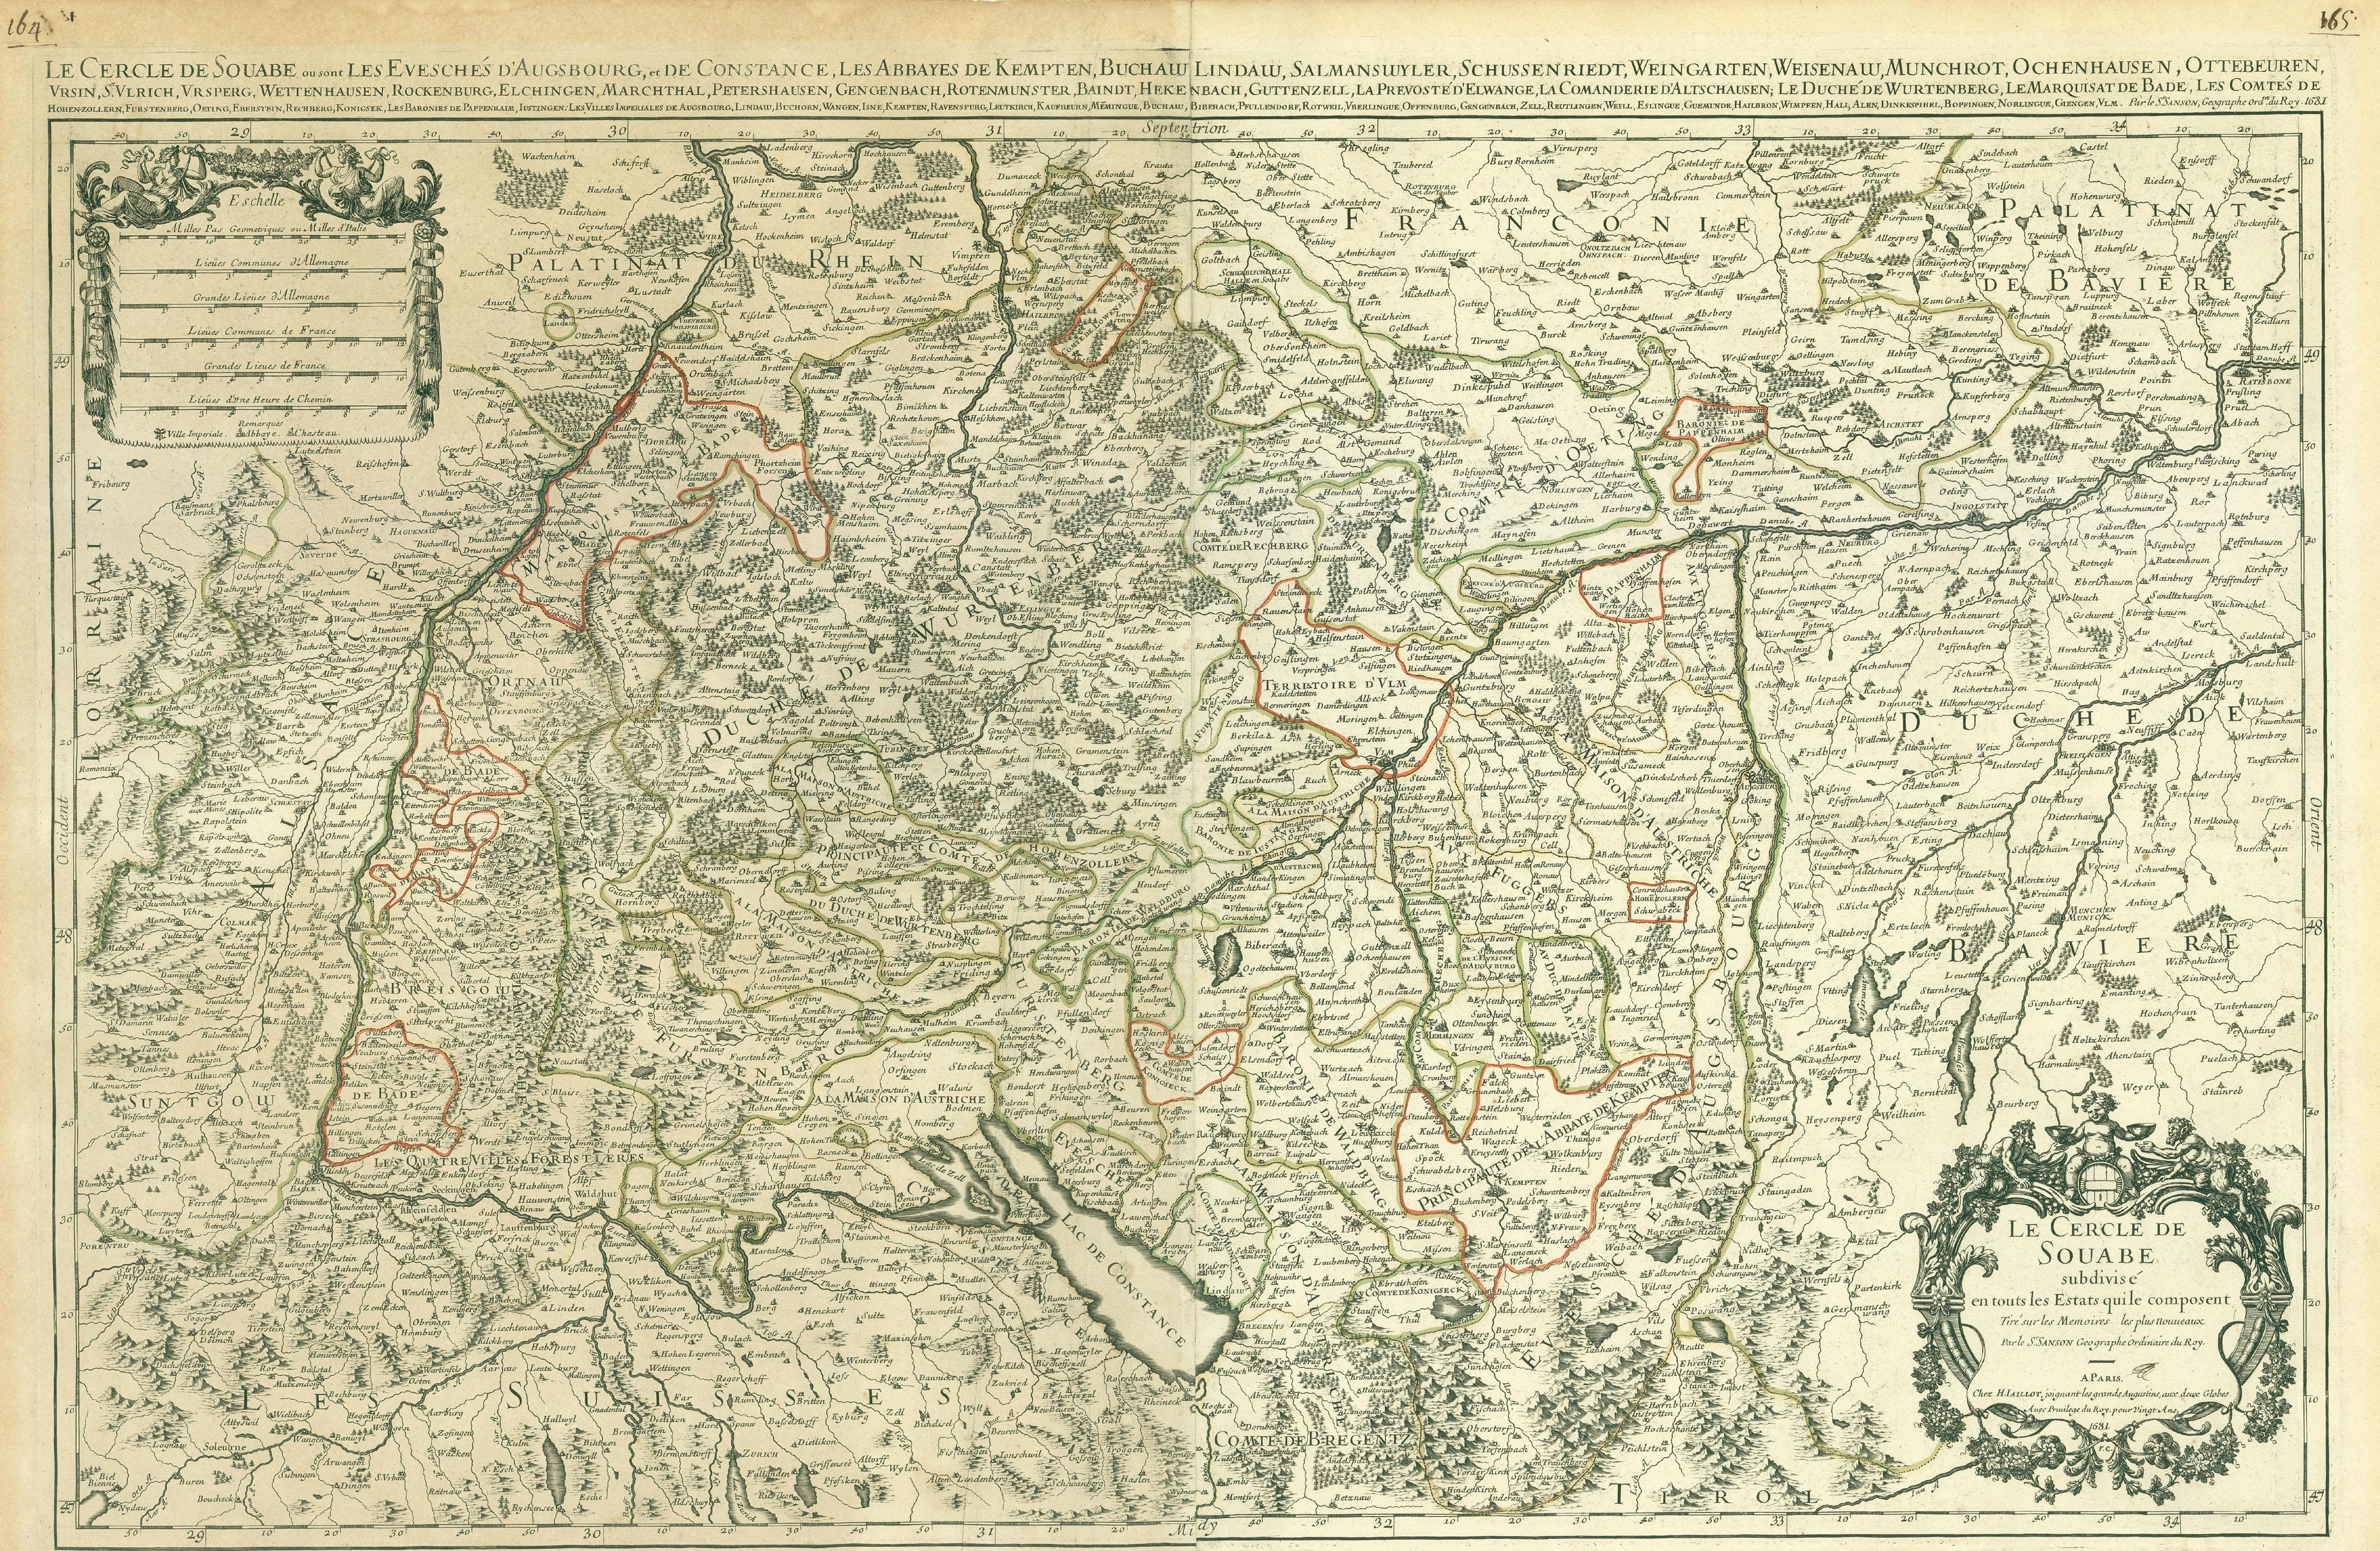 Beschreibung historische landkarte vom schwäbische reichskreis um